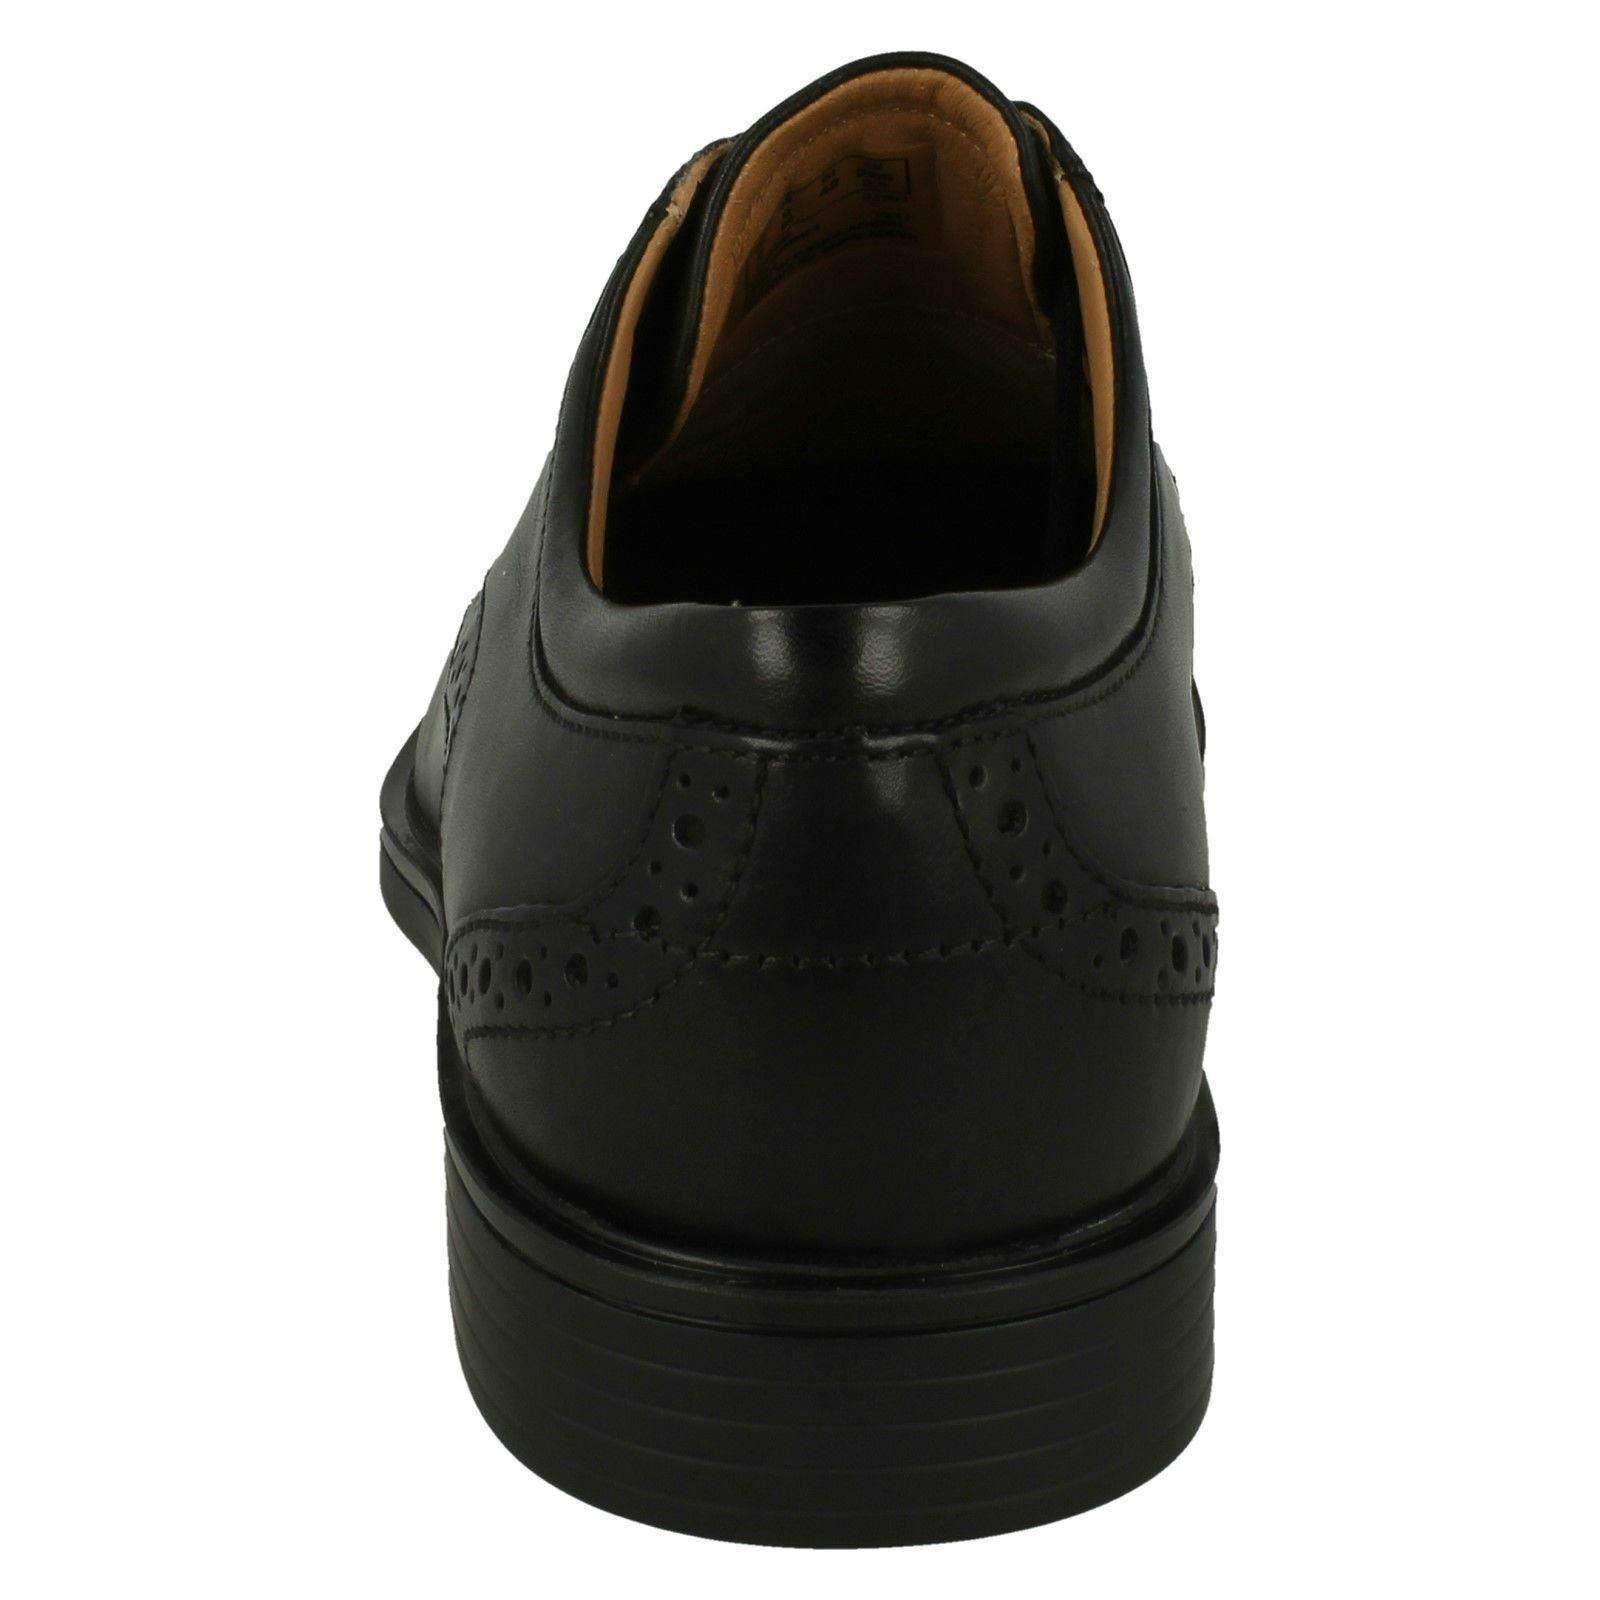 Uomo Clarks Un ALDRIC ala nero pelle Scarpe formali stringate Calzabilità G Scarpe classiche da uomo